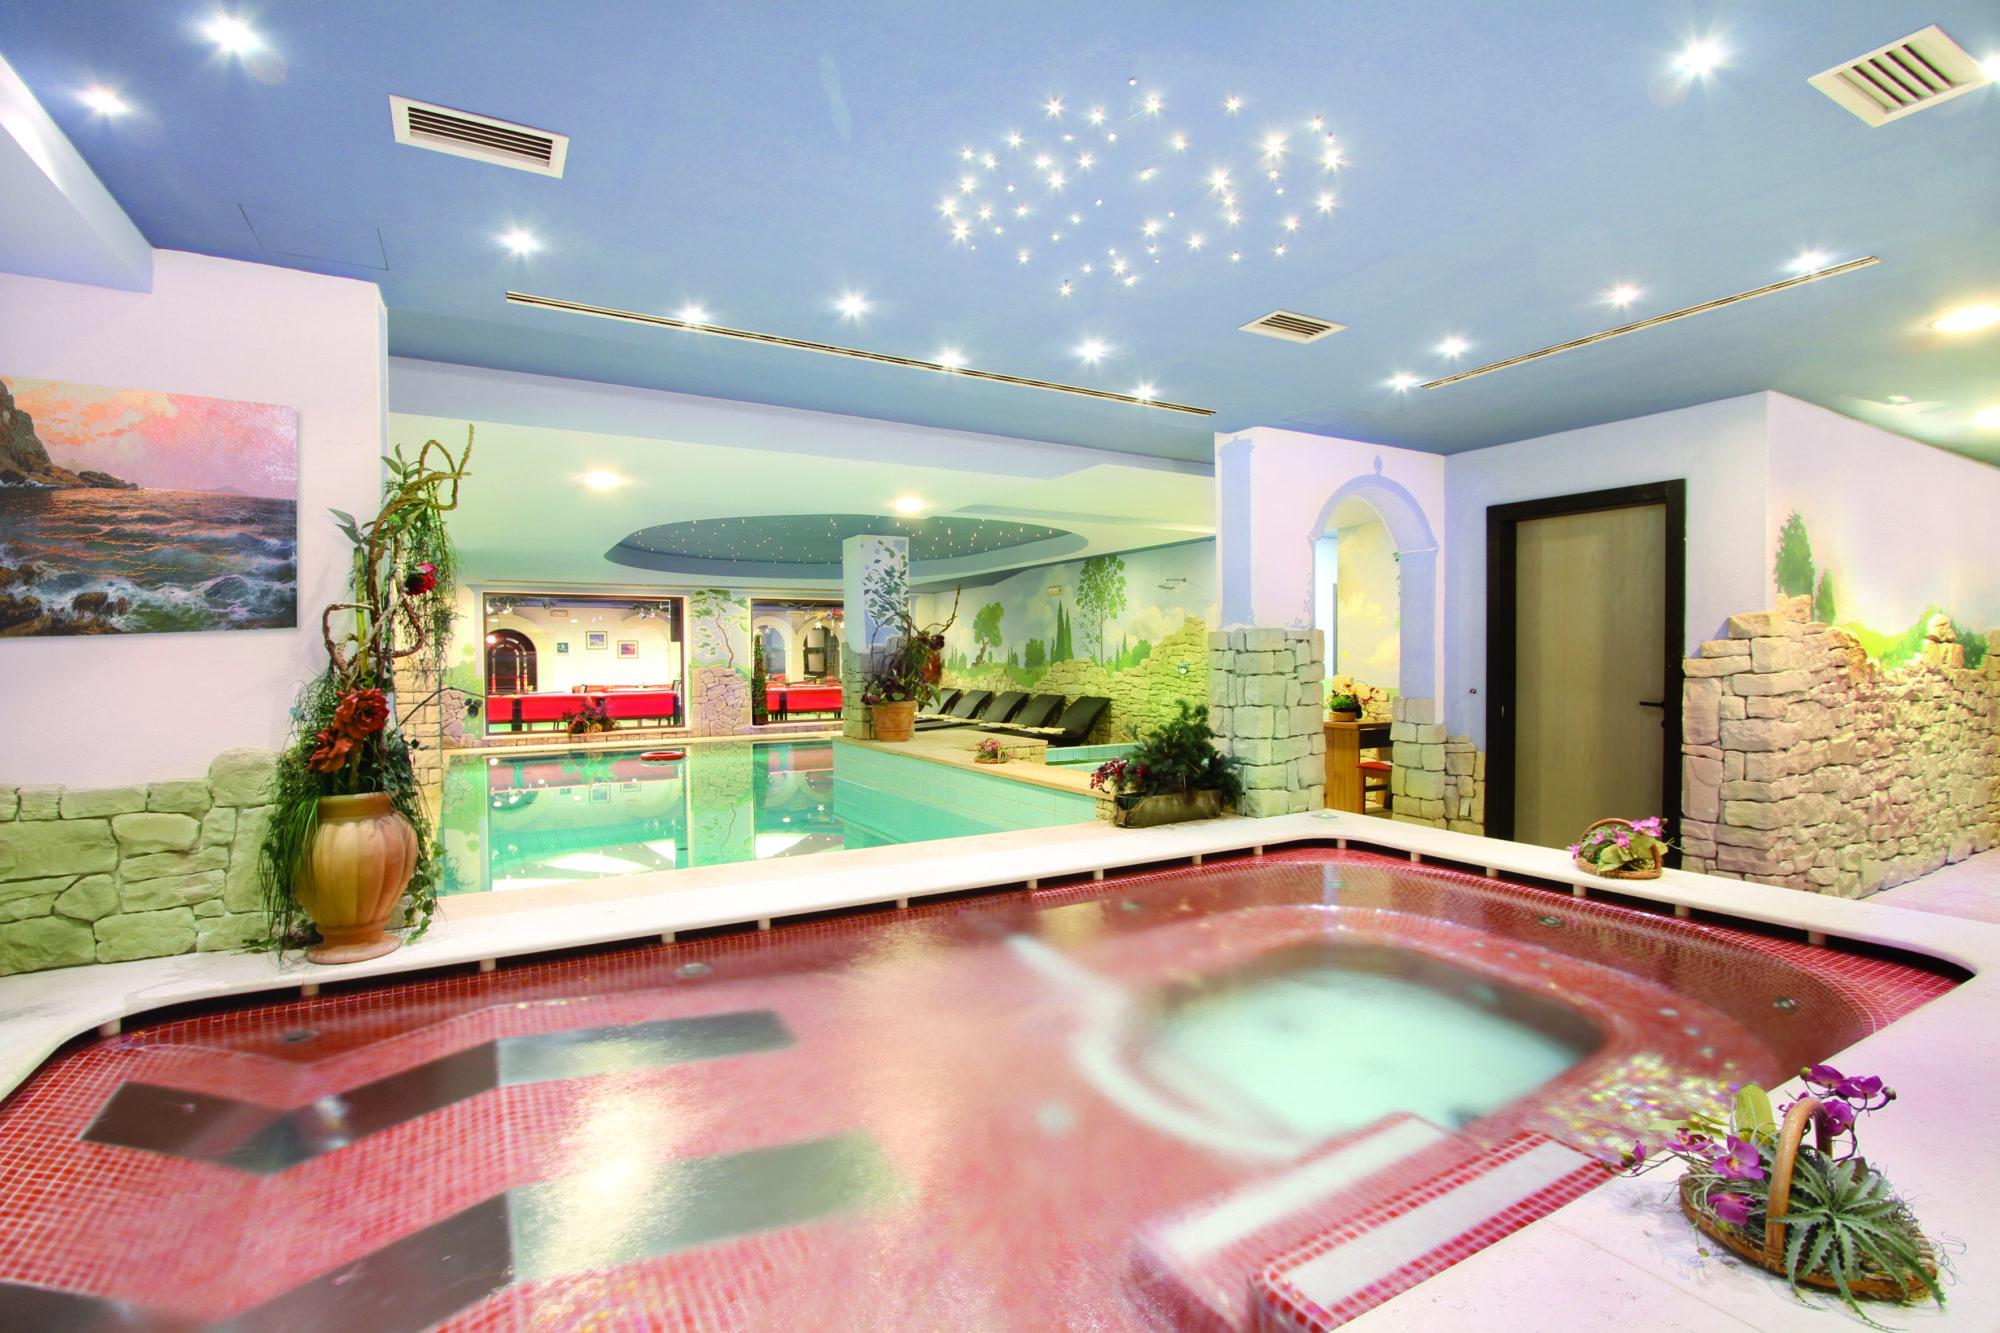 27 Hotel Rubino - Idromassaggio